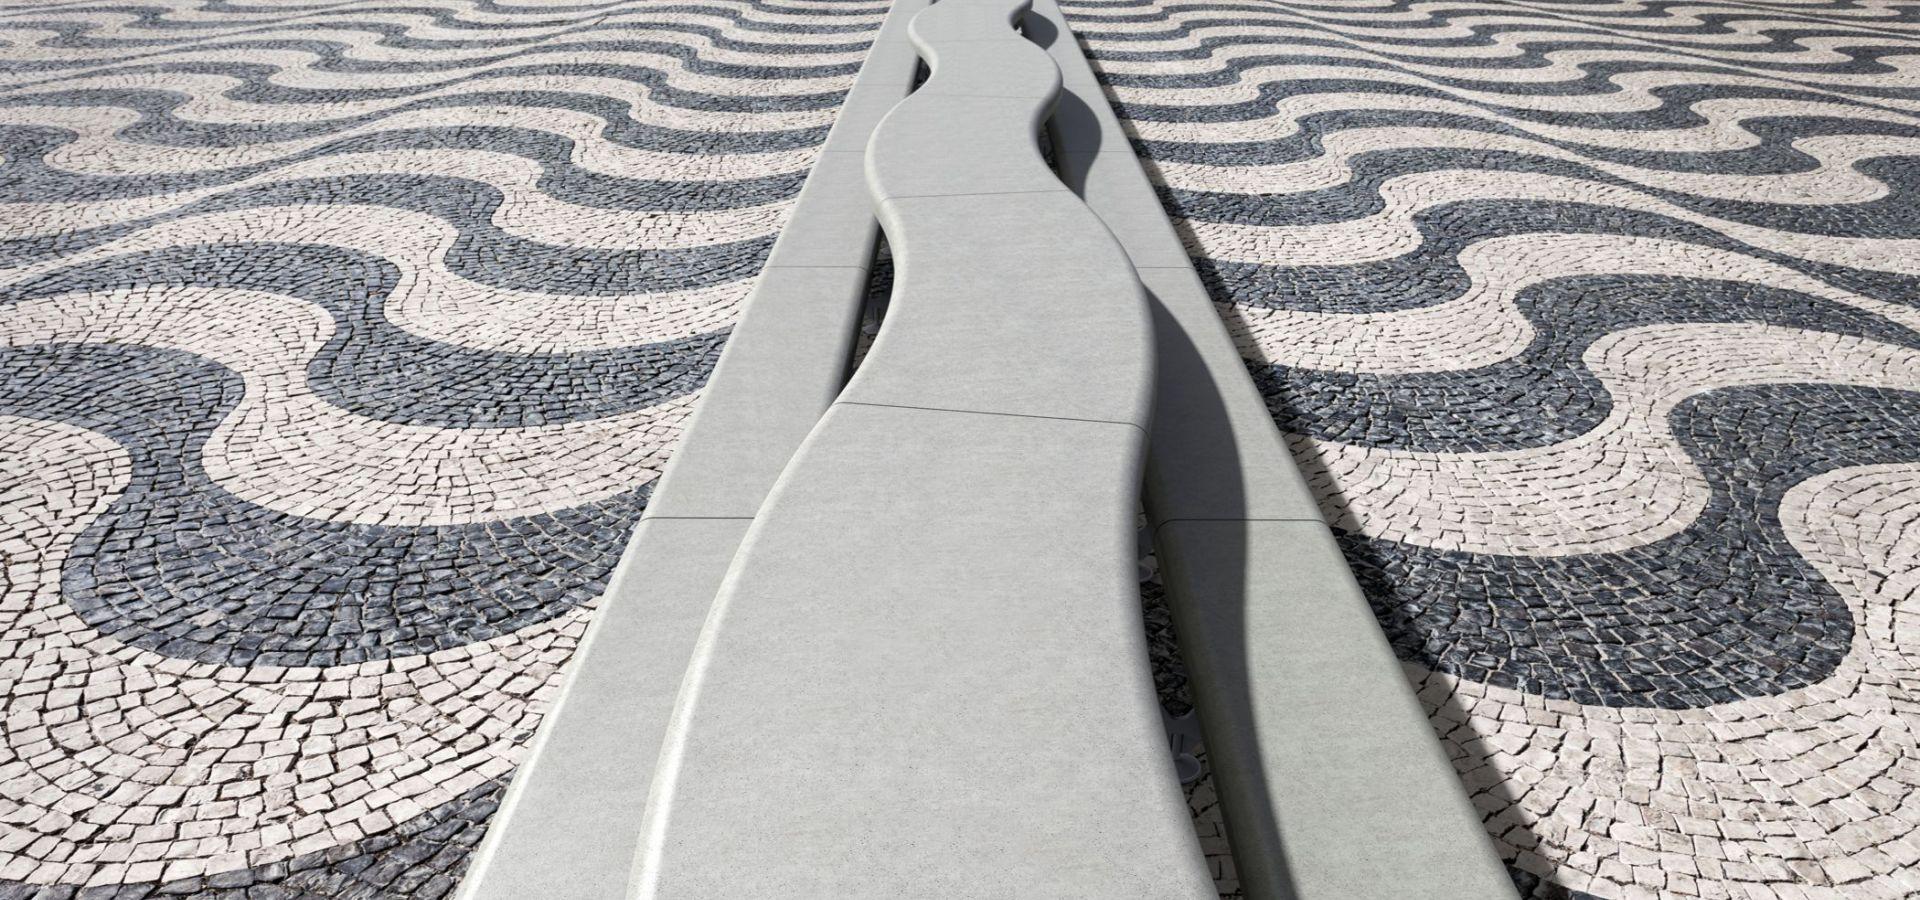 AIR C ensembletable etdoublebanquettes pique nique en béton UHPC│METALCO mobilier urbain design